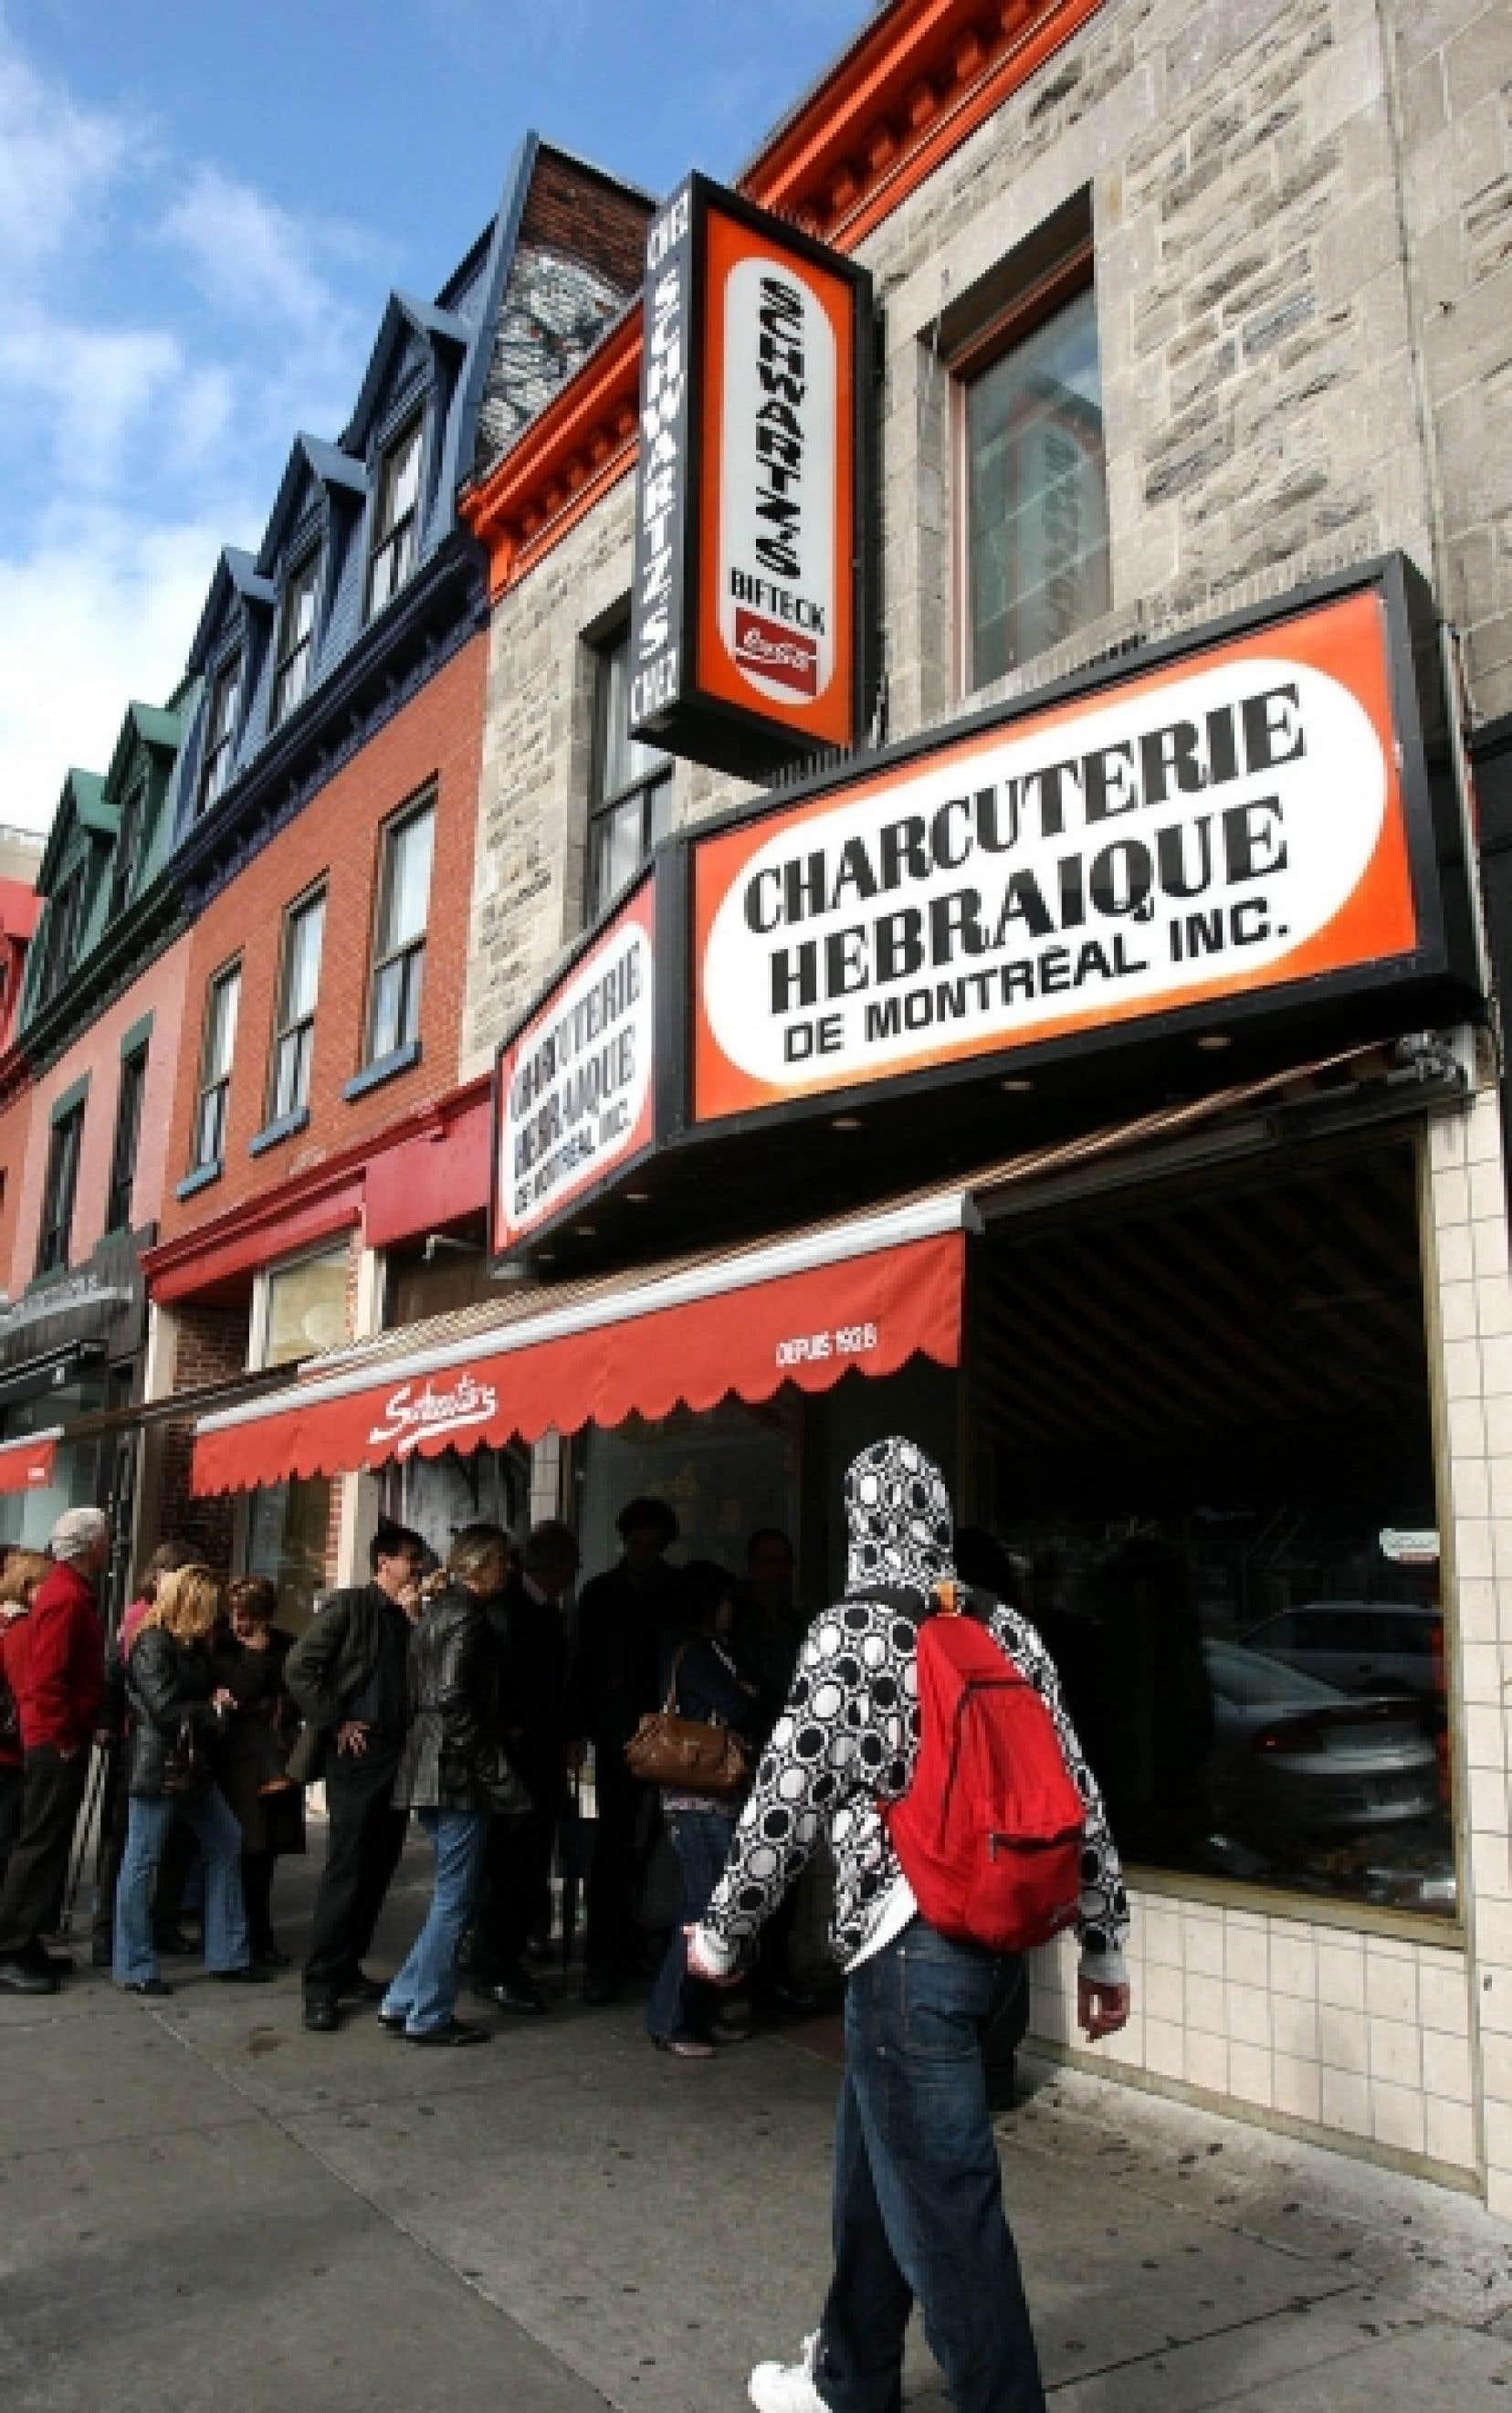 Lors de leur visite guidée sur le boulevard Saint-Laurent, les étudiants n'ont peut-être pas goûté à la fameuse viande fumée de la charcuterie Schwartz's, mais la file d'attente a prouvé sa popularité.